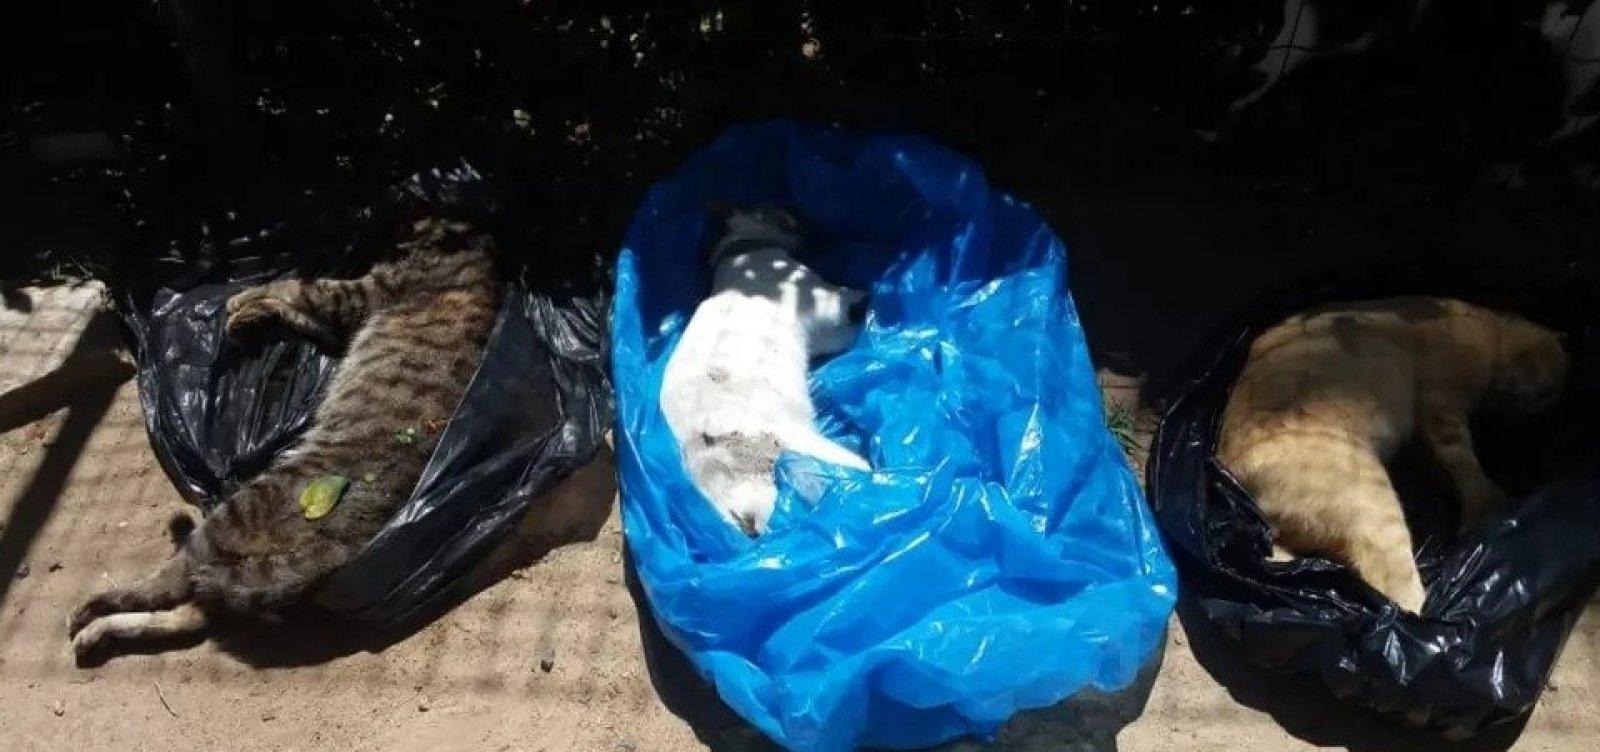 [Moradores denunciam morte de 18 gatos e desaparecimento de outros 20 em condomínio na Bahia]